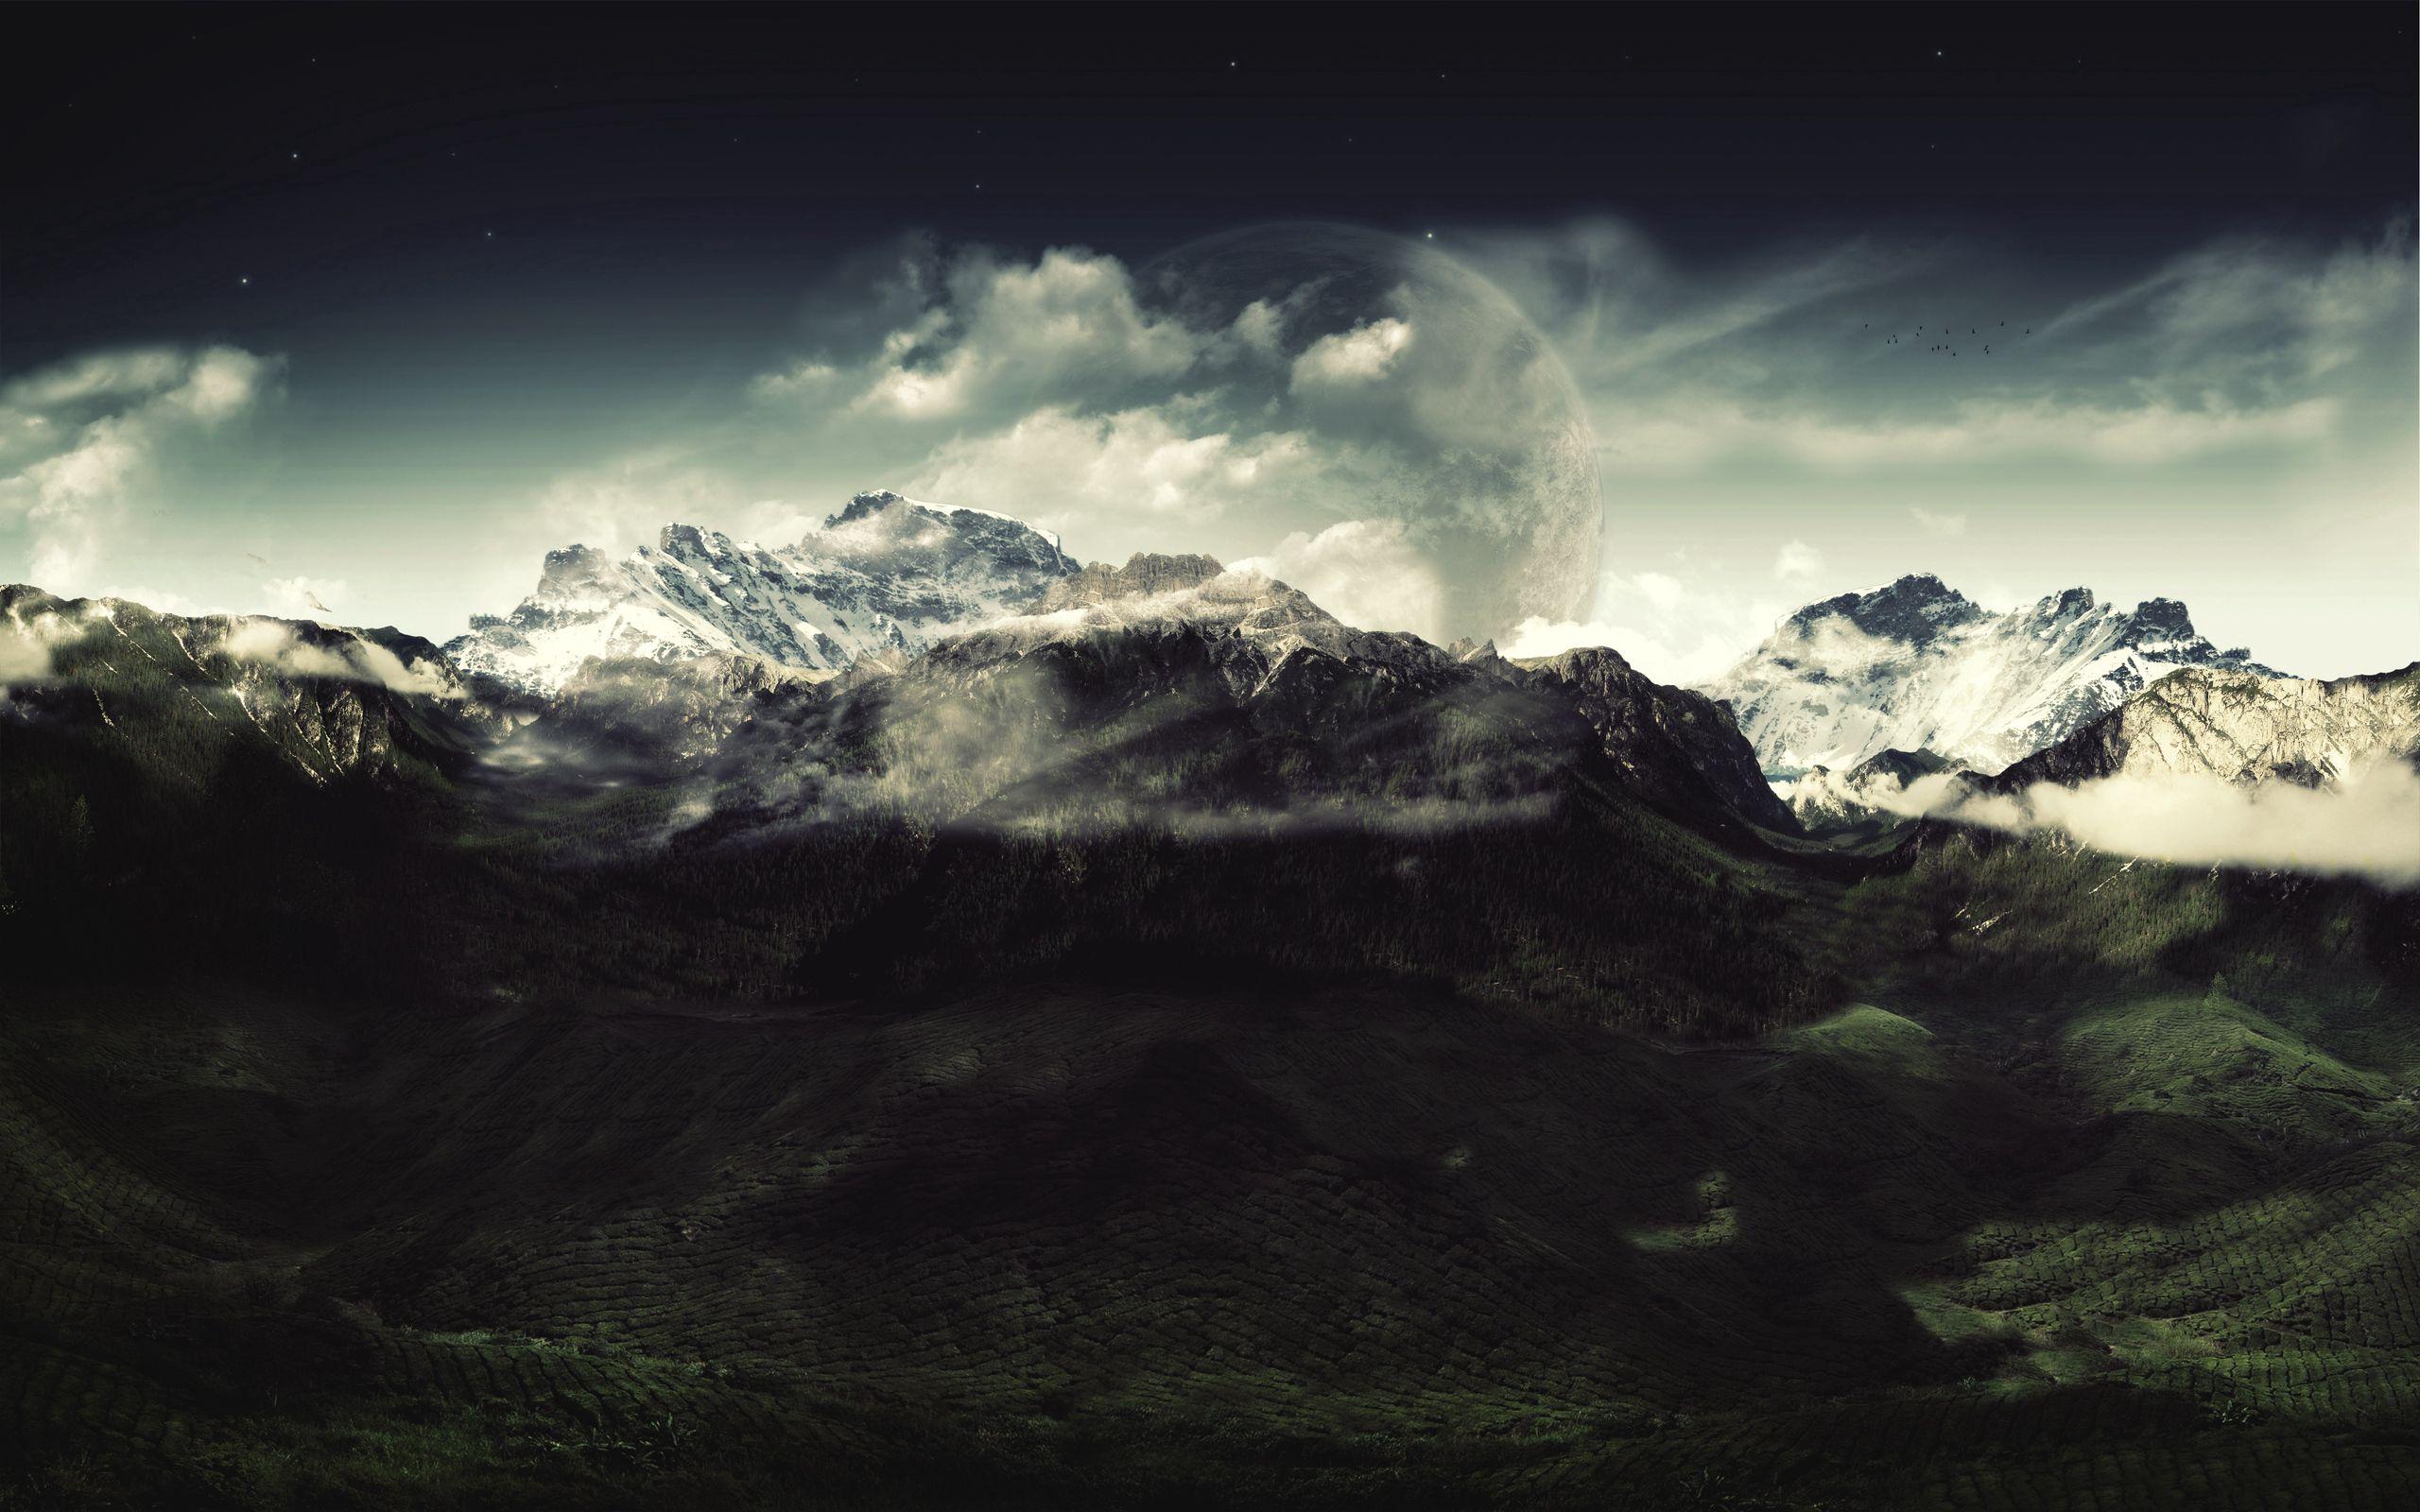 86864 скачать обои Природа, Луна, Облака, Высота, Цвета, Краски, Оттенки, Мрачные, Мистика, Горы - заставки и картинки бесплатно